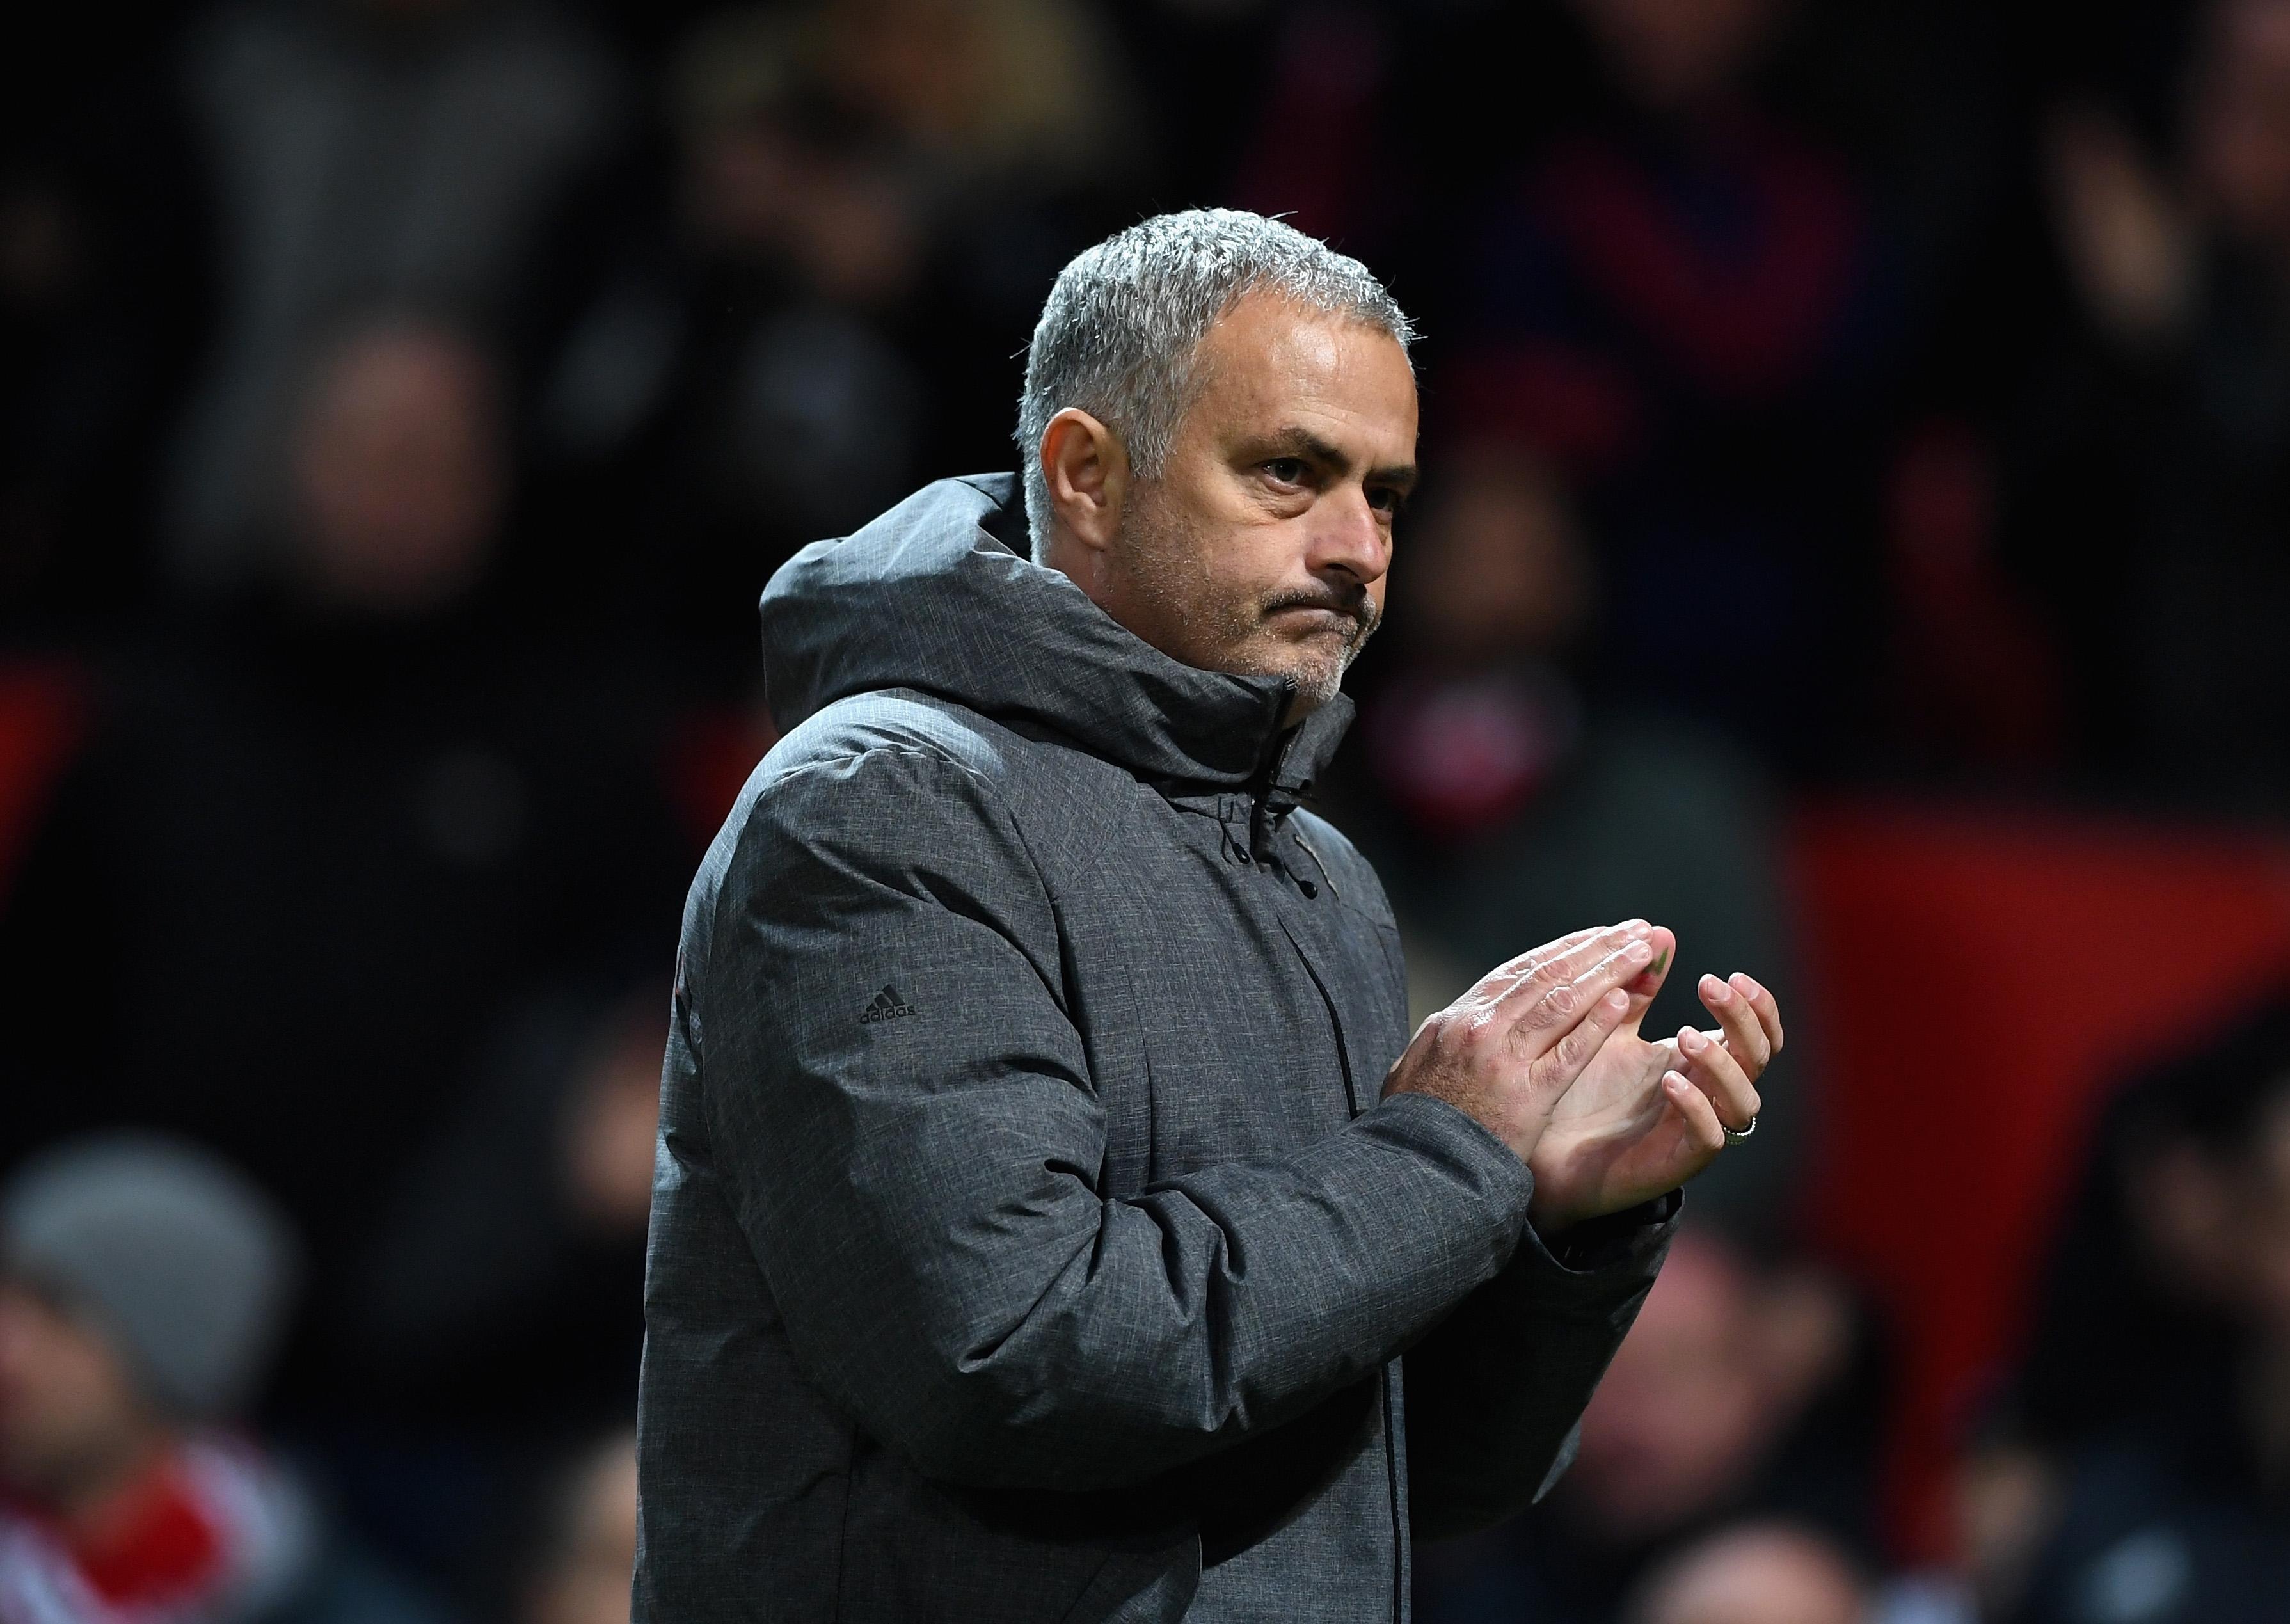 Мениджърът на Манчестър Юнайтед Жозе Моуриньо не показа притеснение след